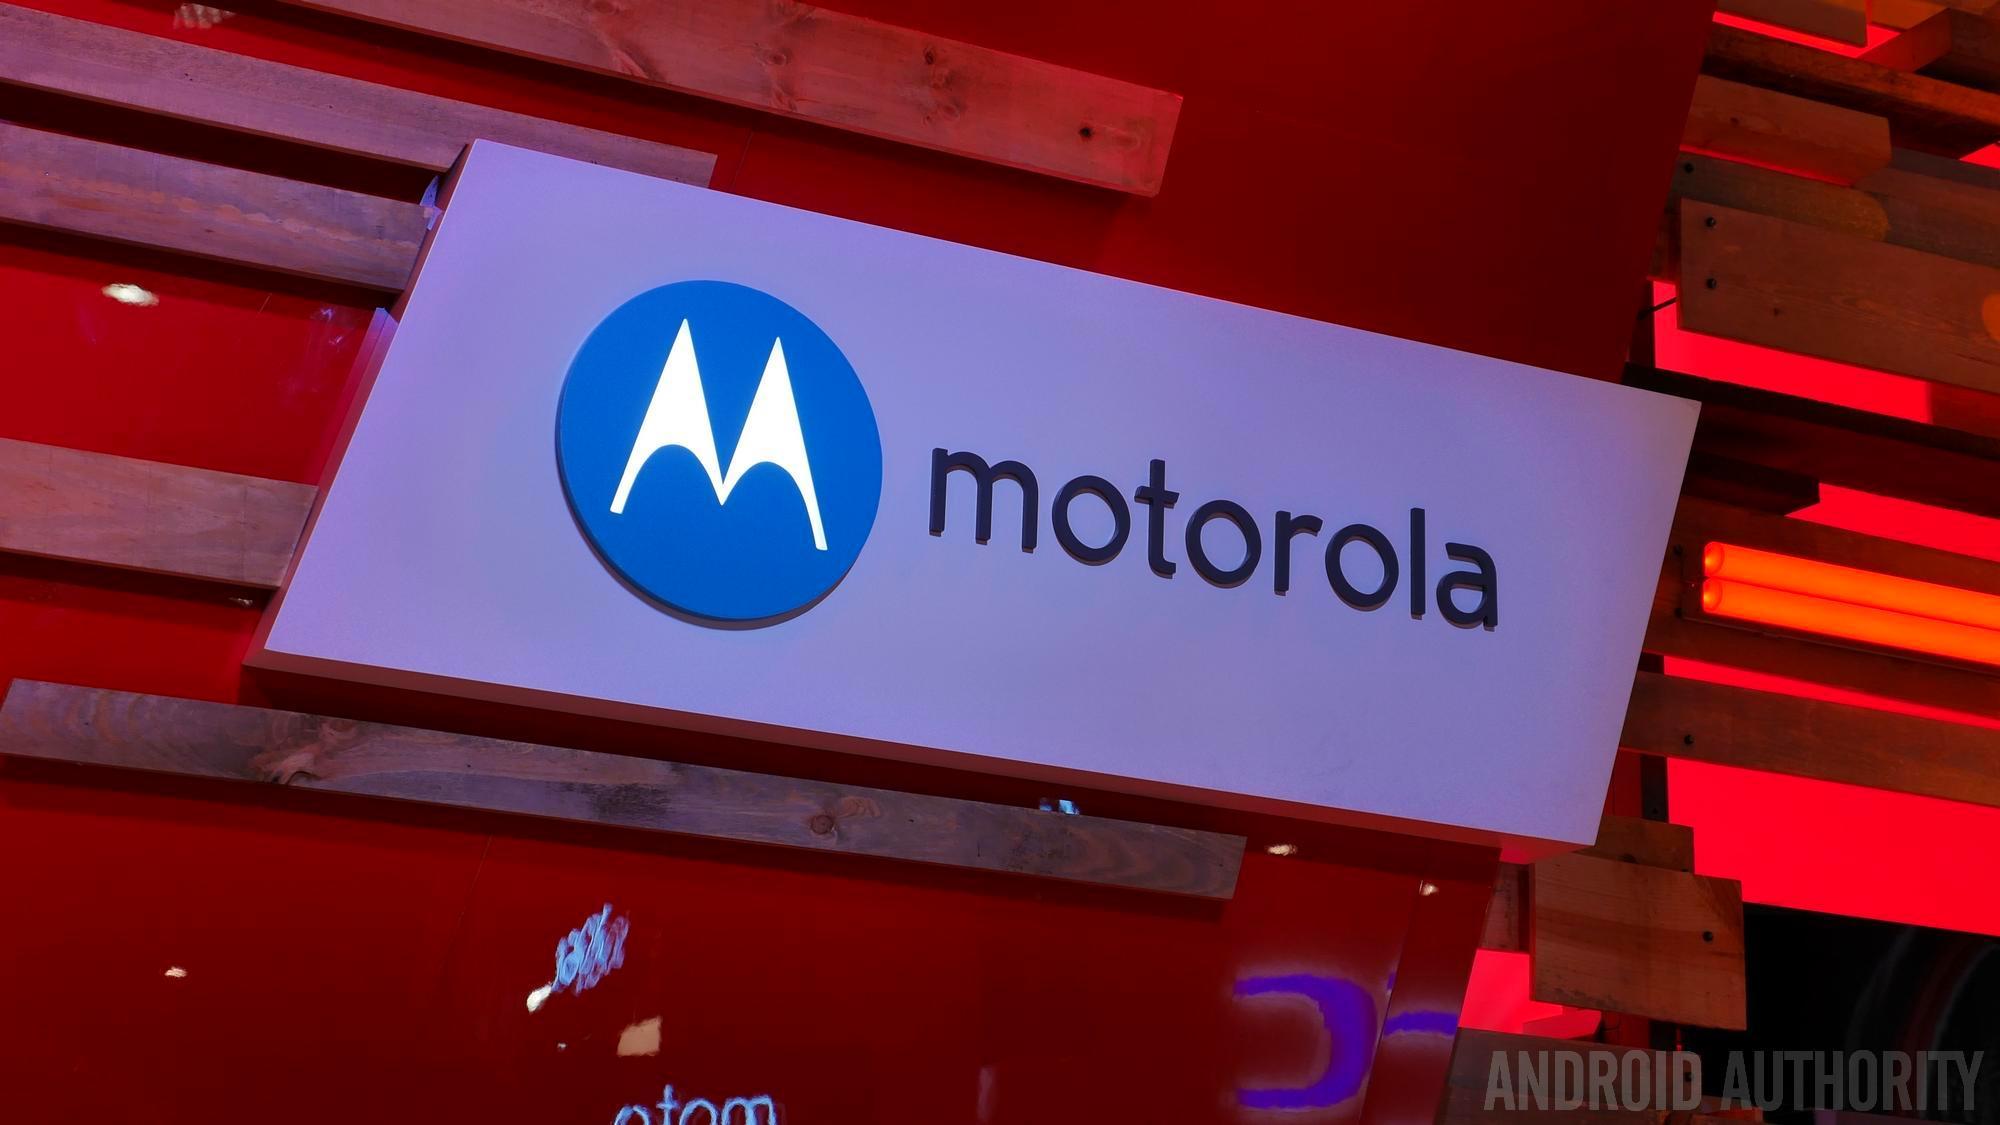 motorola logo mwc 2015 1